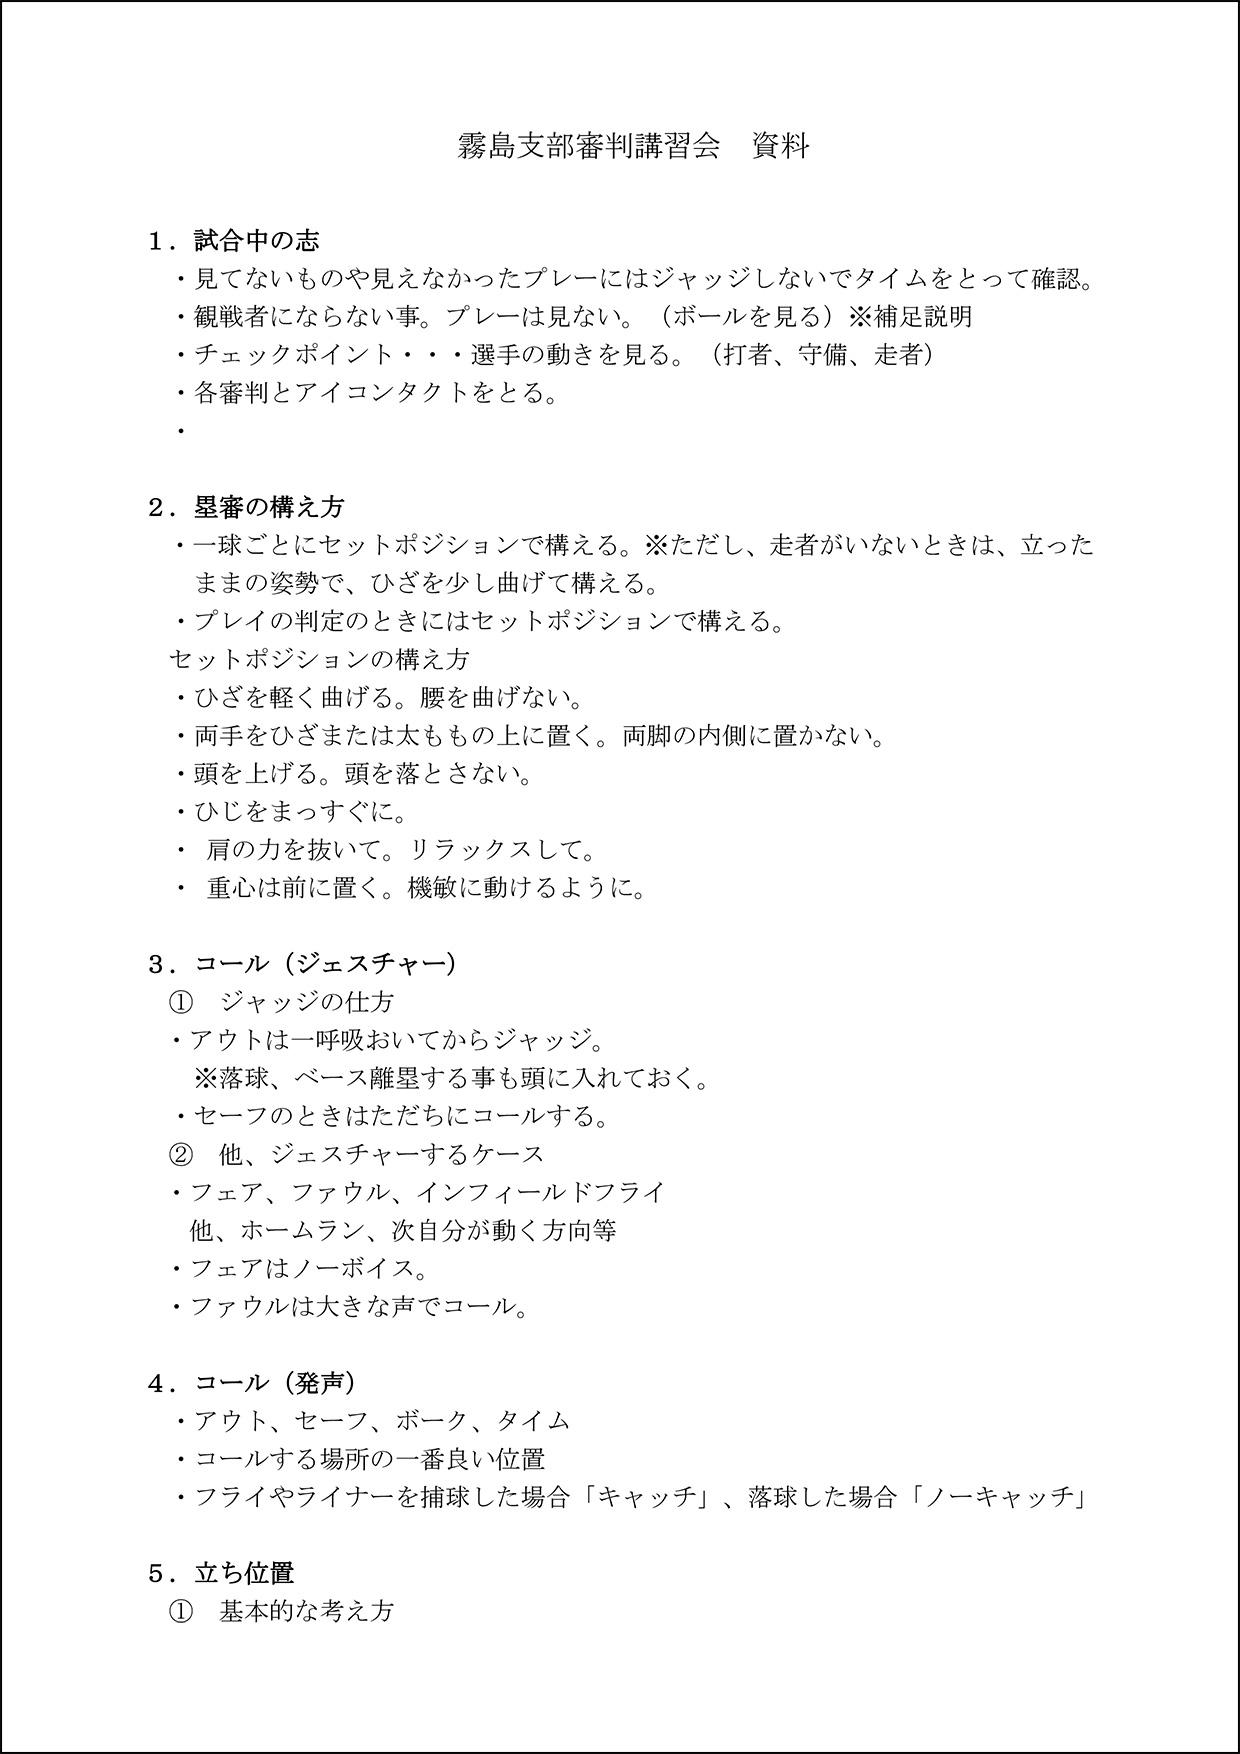 霧島支部審判講習会開催概要-3